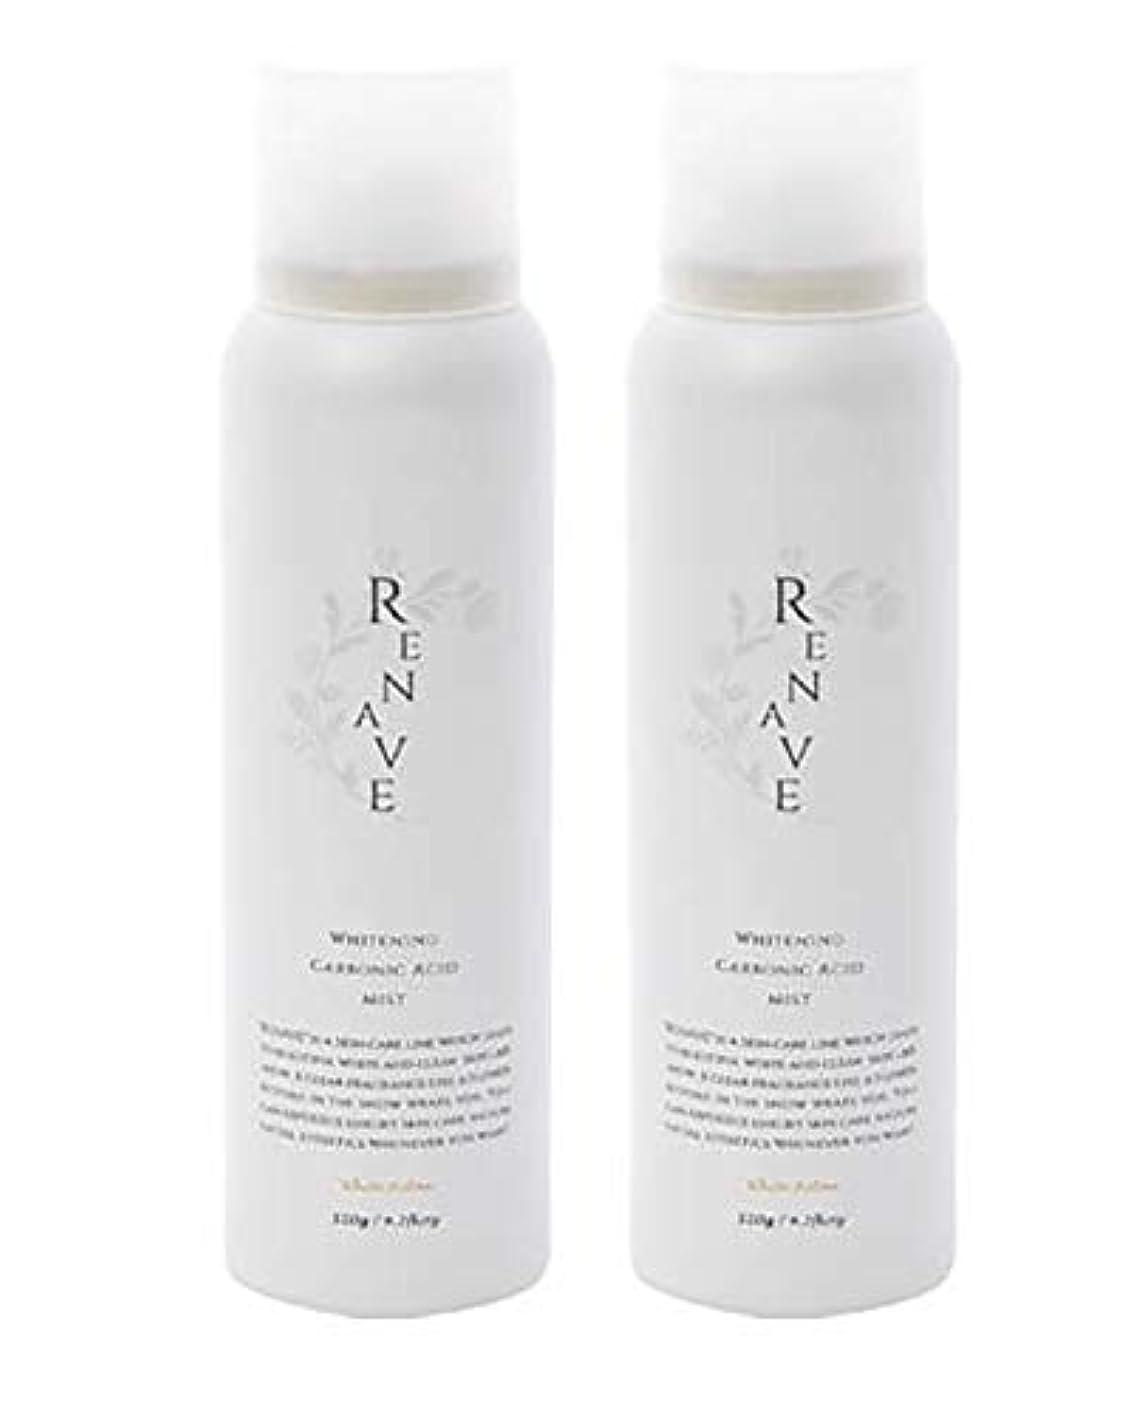 表面住人つまらないRENAVE(リネーヴェ) 高濃度炭酸ミスト 薬用美白化粧水 120ml 2本セット